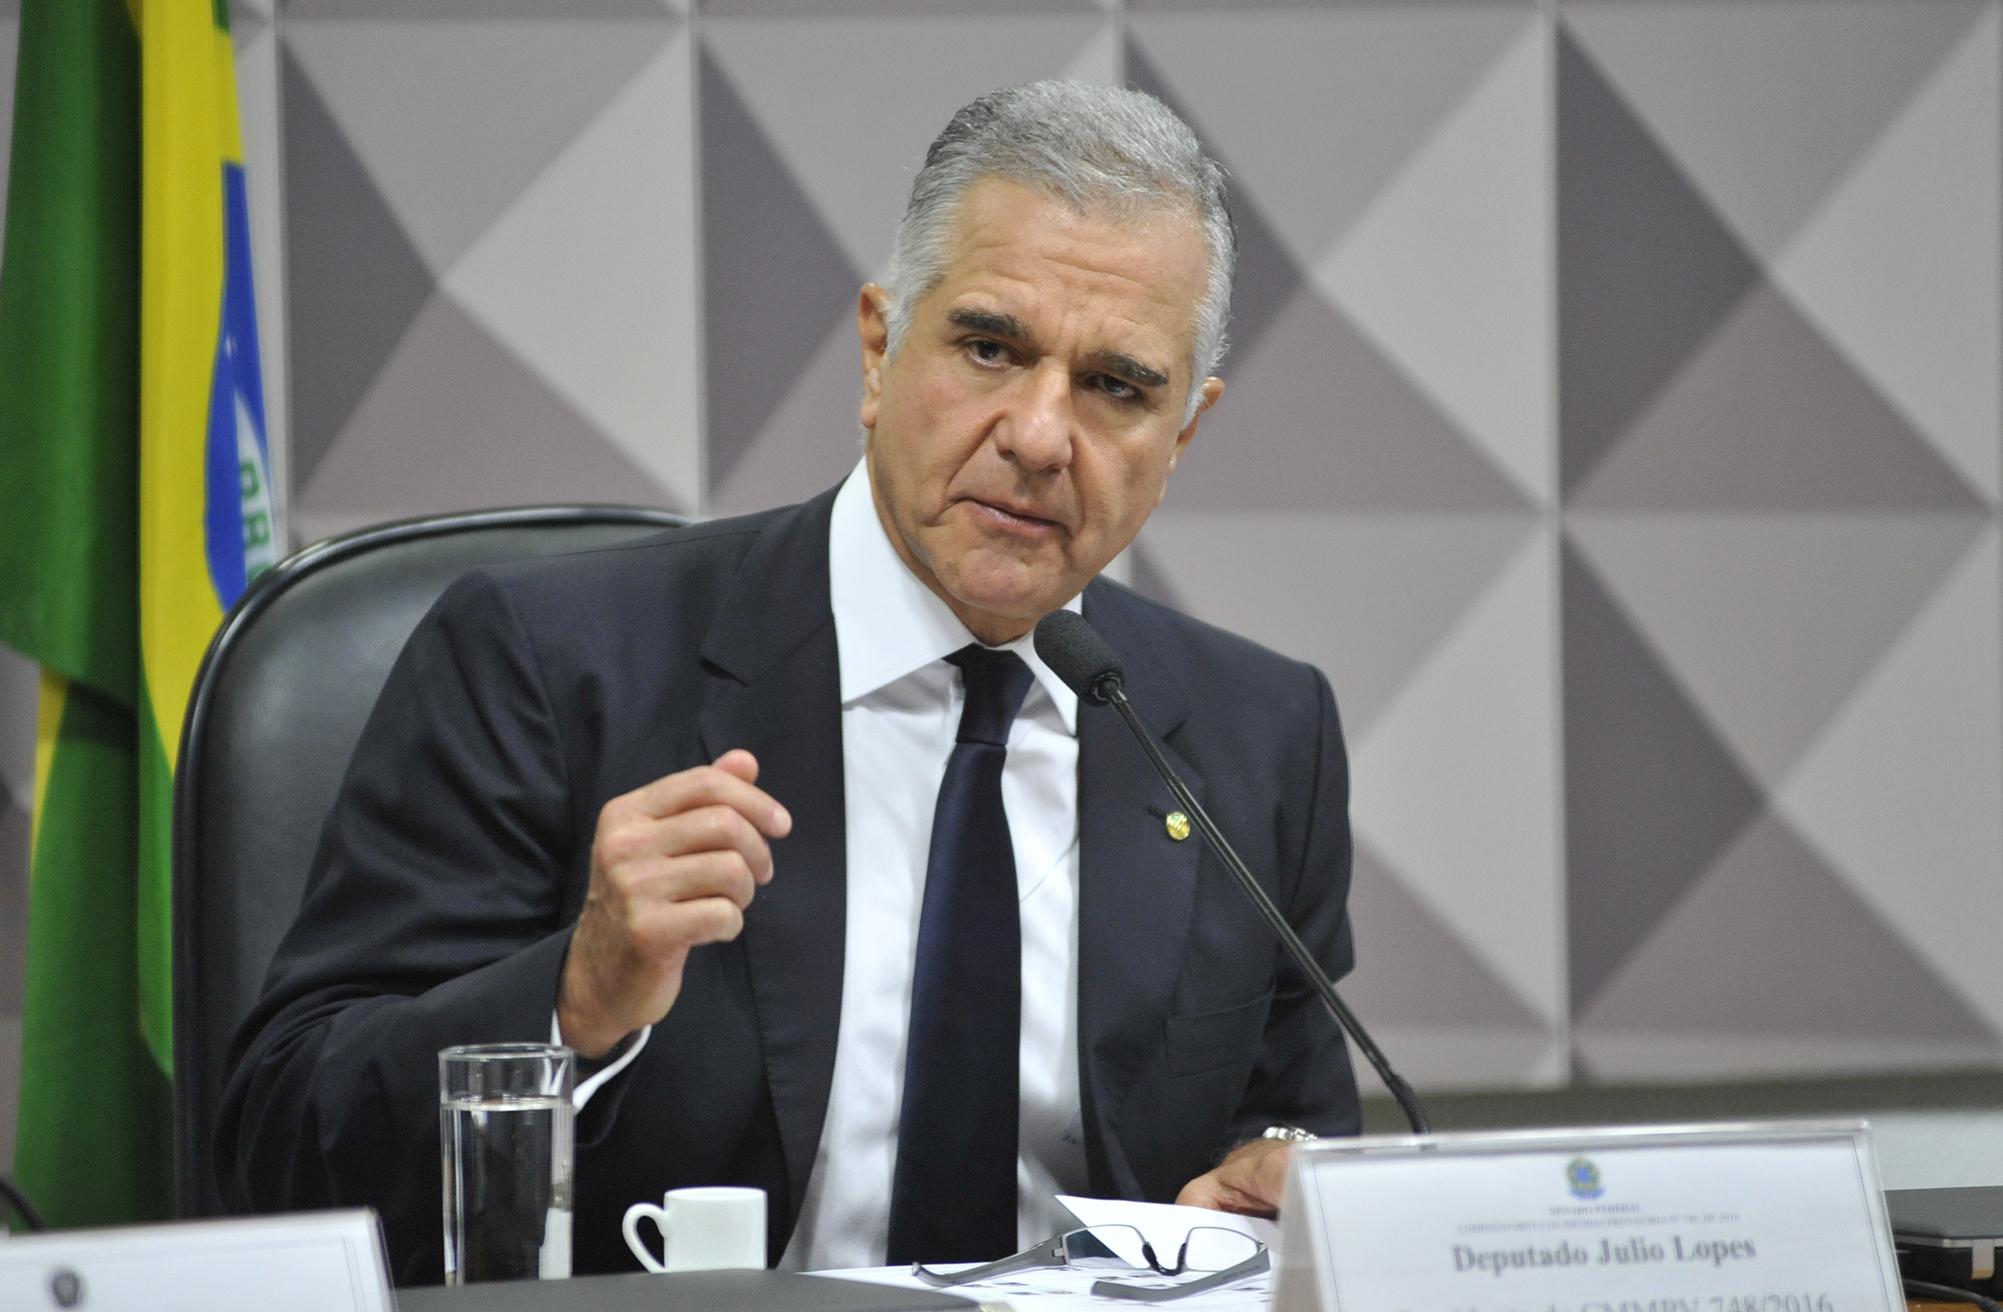 Audiência pública (interativa) da Comissão Mista sobre a MP 748/16, que institui as Diretrizes da Política Nacional de Mobilidade Urbana. Dep. Júlio Lopes (PP-RJ)